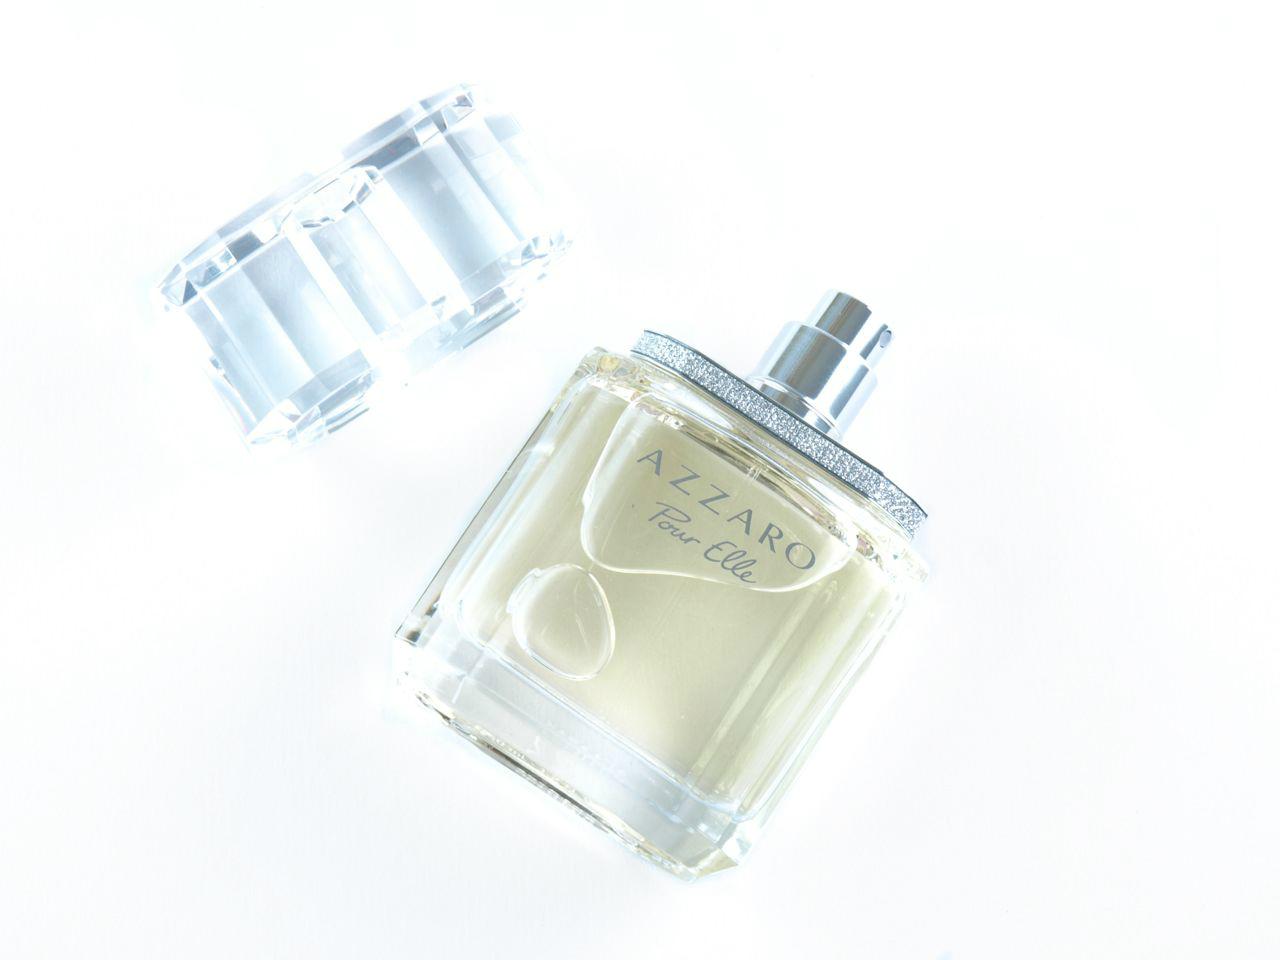 Azzaro Pour Elle Eau de Parfum: Review